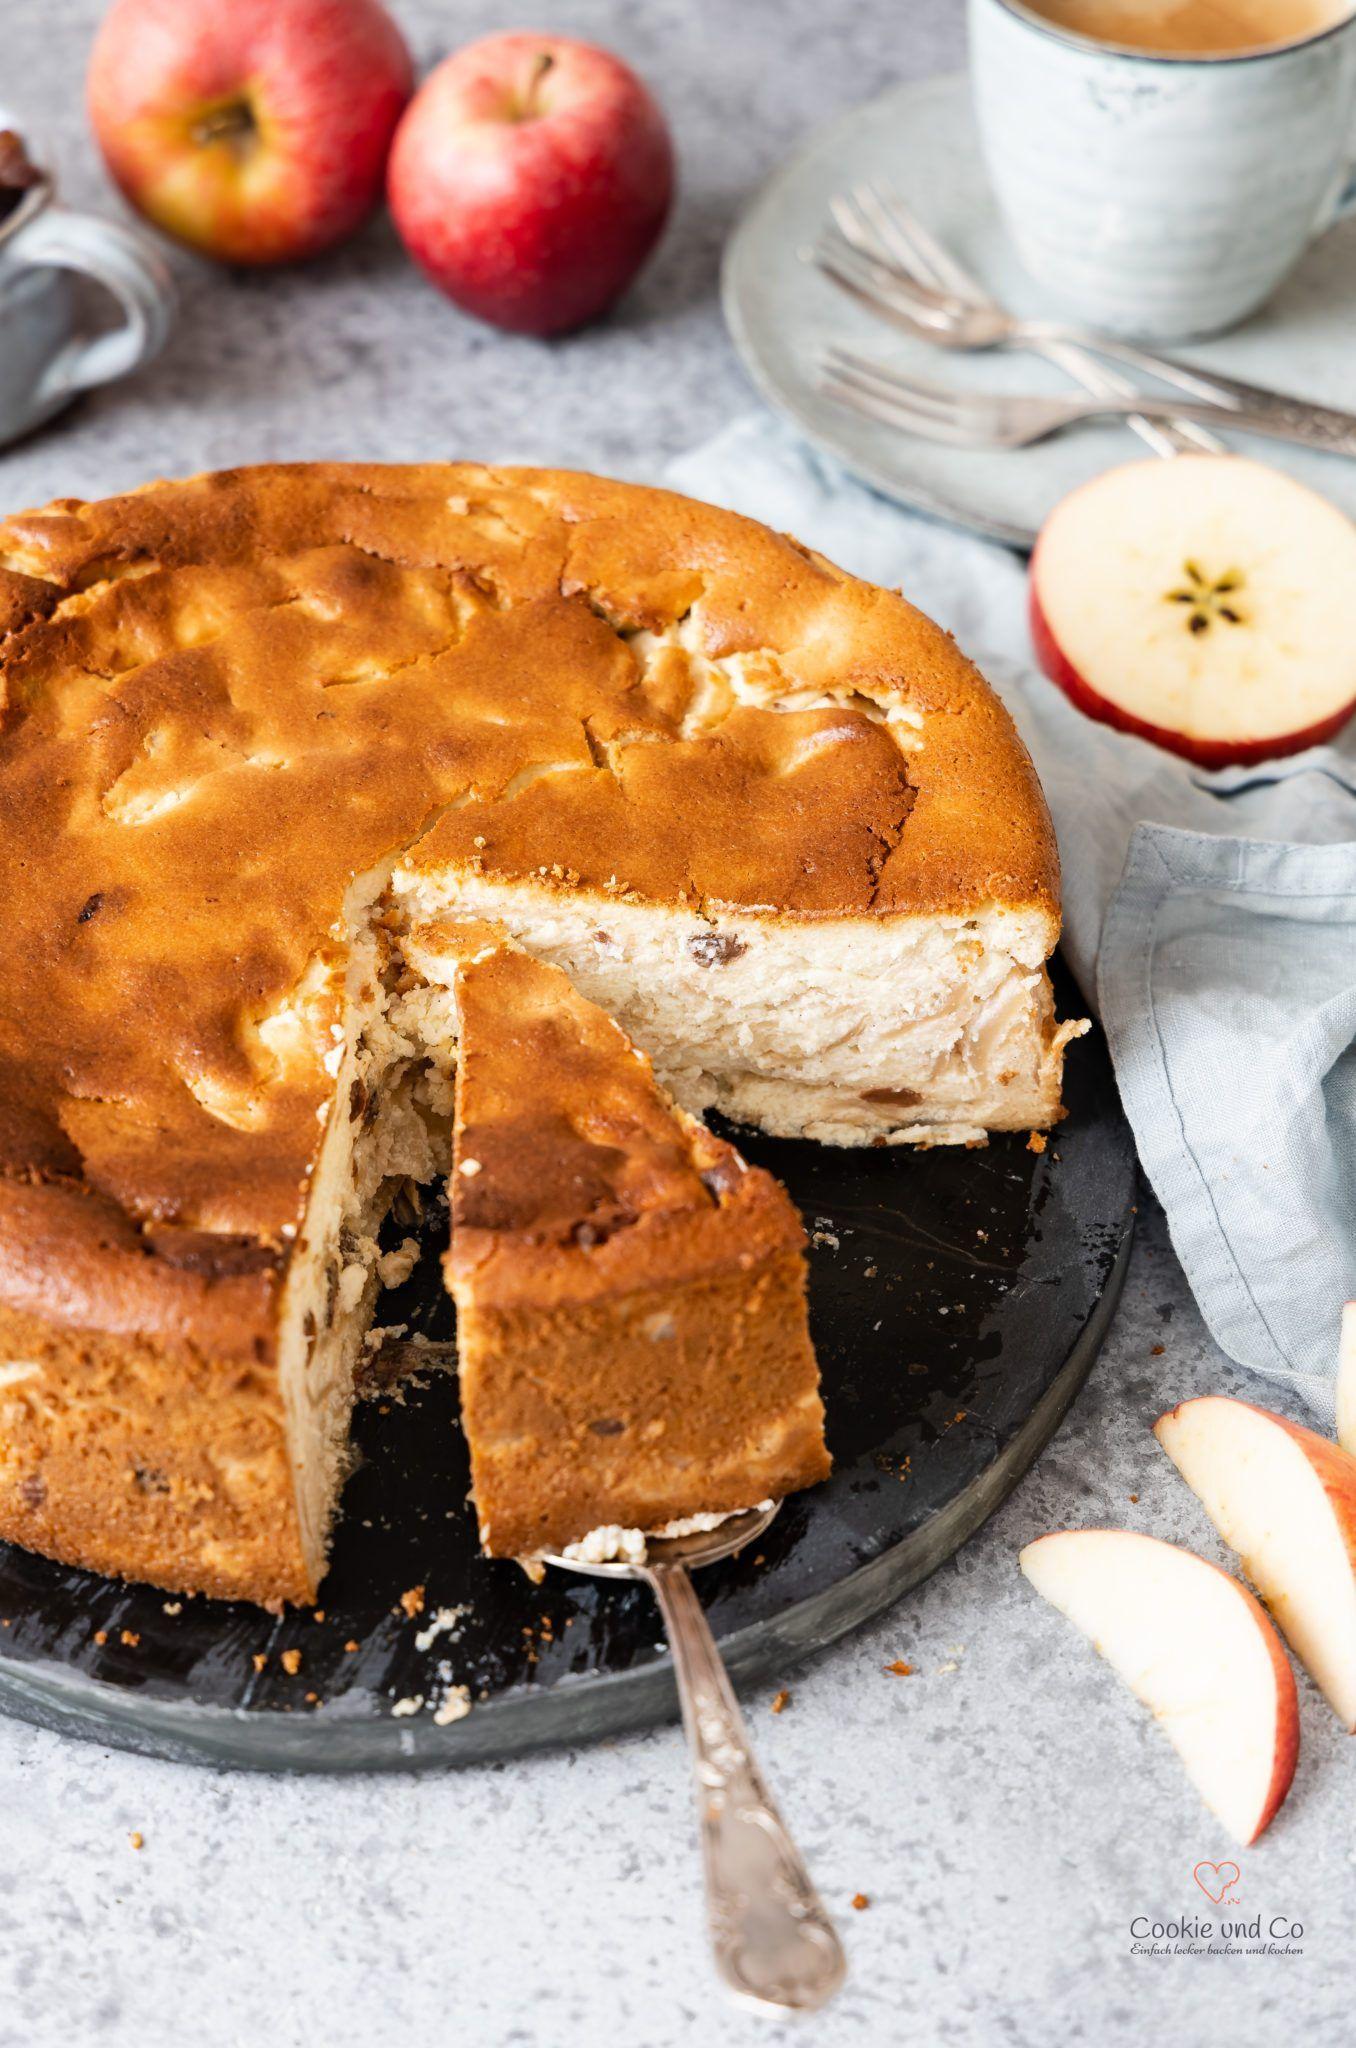 Apfel Quark Kuchen Mit Griess Ohne Boden Apfel Quark Kuchen Quarkkuchen Ohne Boden Kasekuchen Ohne Boden